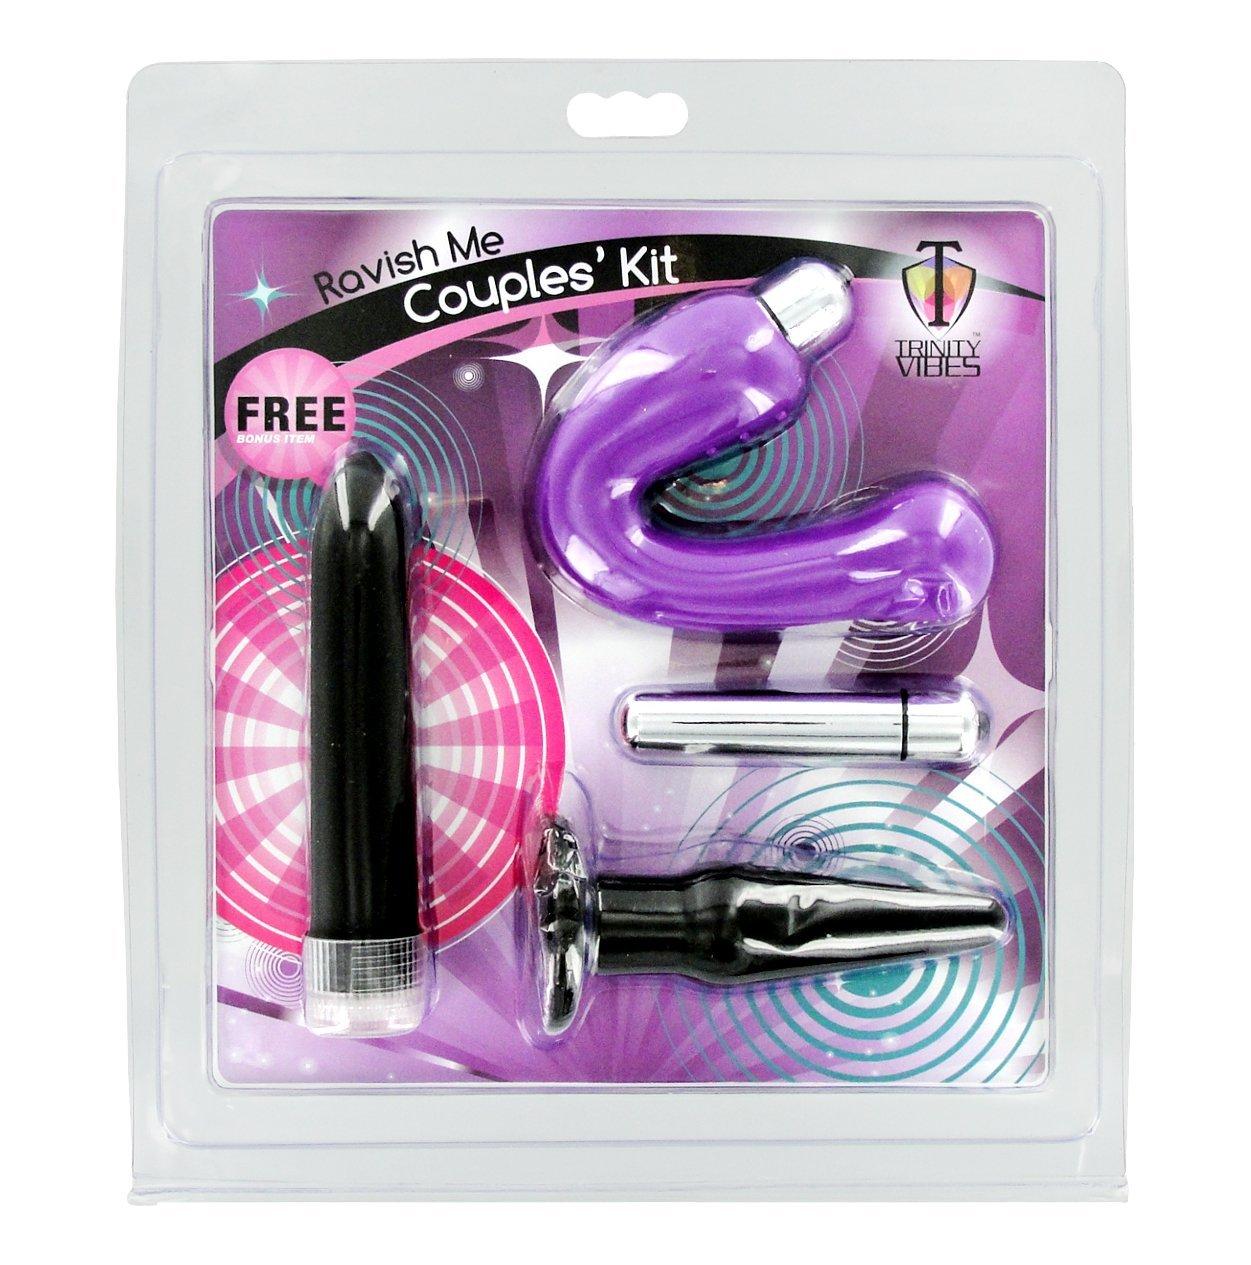 Ravish Me Couples Vibrator Kit